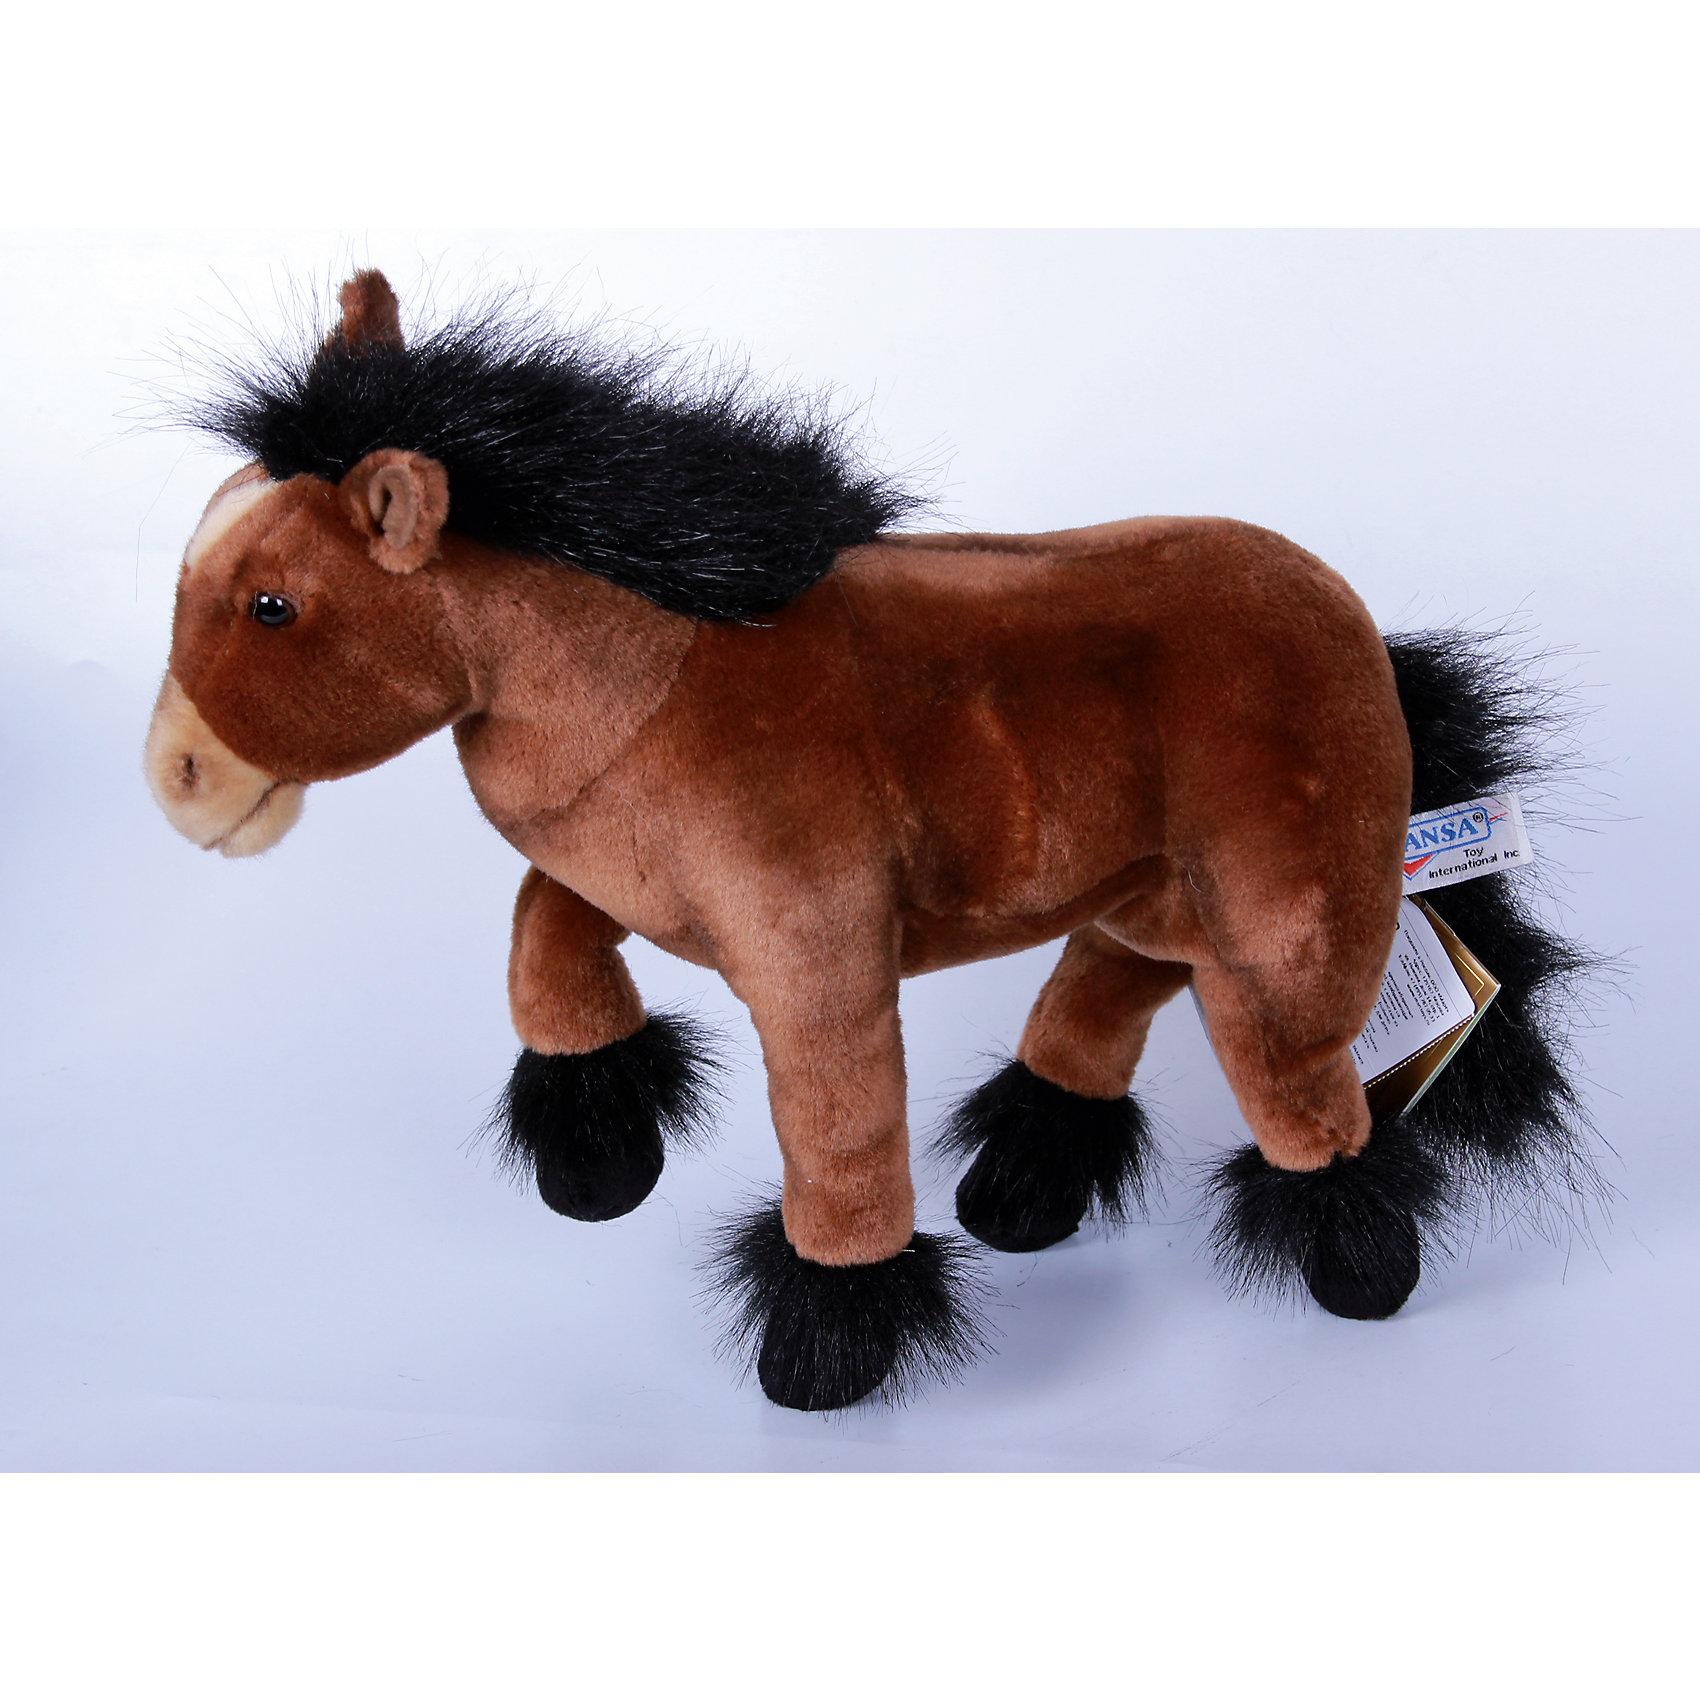 Пони шоколадно-коричневый, 36 см, HansaМягкие игрушки животные<br>Пони шоколадно-коричневый, 36 см, Hansa (Ханса)<br><br>Характеристики:<br><br>• реалистичная мягкая игрушка<br>• приятная на ощупь<br>• прочный каркас<br>• ноги сгибаются<br>• размер игрушки: 36 см<br>• материал: пластик, синтепон, текстиль, искусственный мех<br>• размер упаковки: 12х36 см<br>• вес: 720 грамм<br><br>Коричневый пони - отличный подарок для ценителей качественных и реалистичных игрушек. Каркас выполнен из прочного металла, что обеспечивает лошадке большую прочность. Ноги пони сгибаются для правдоподобности игры. Лицевая сторона игрушки очень мягкая и приятная на ощупь. Детали лошадки выглядят реалистично, чтобы ребенок мог придумать самые интересные игры.<br><br>Пони шоколадно-коричневый, 36 см, Hansa (Ханса) вы можете купить в нашем интернет-магазине.<br><br>Ширина мм: 360<br>Глубина мм: 120<br>Высота мм: 300<br>Вес г: 720<br>Возраст от месяцев: 36<br>Возраст до месяцев: 2147483647<br>Пол: Унисекс<br>Возраст: Детский<br>SKU: 5503276